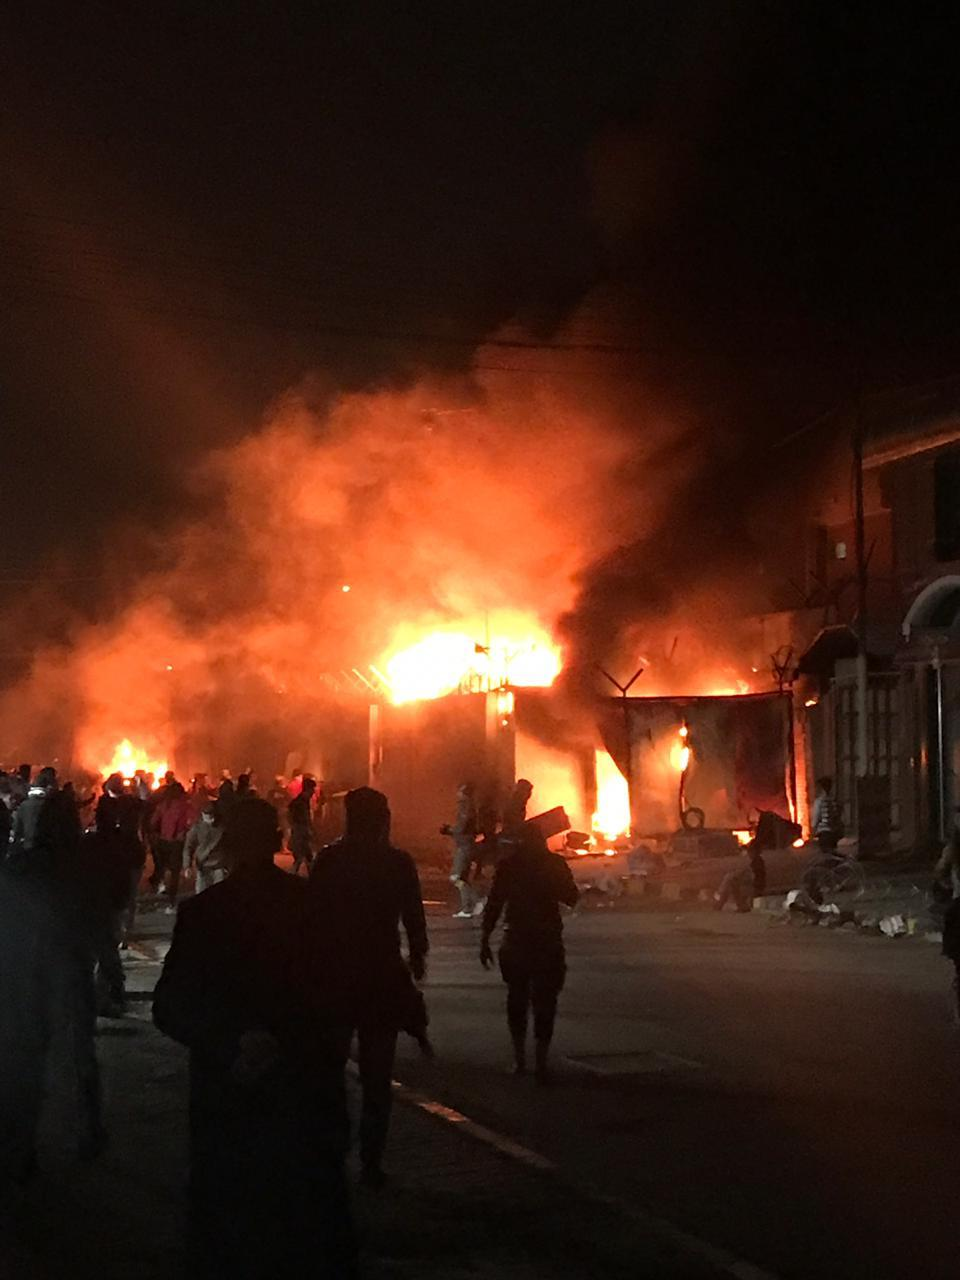 إيران تبلغ السفير العراقي احتجاجها بشأن حرق قنصليتها في النجف